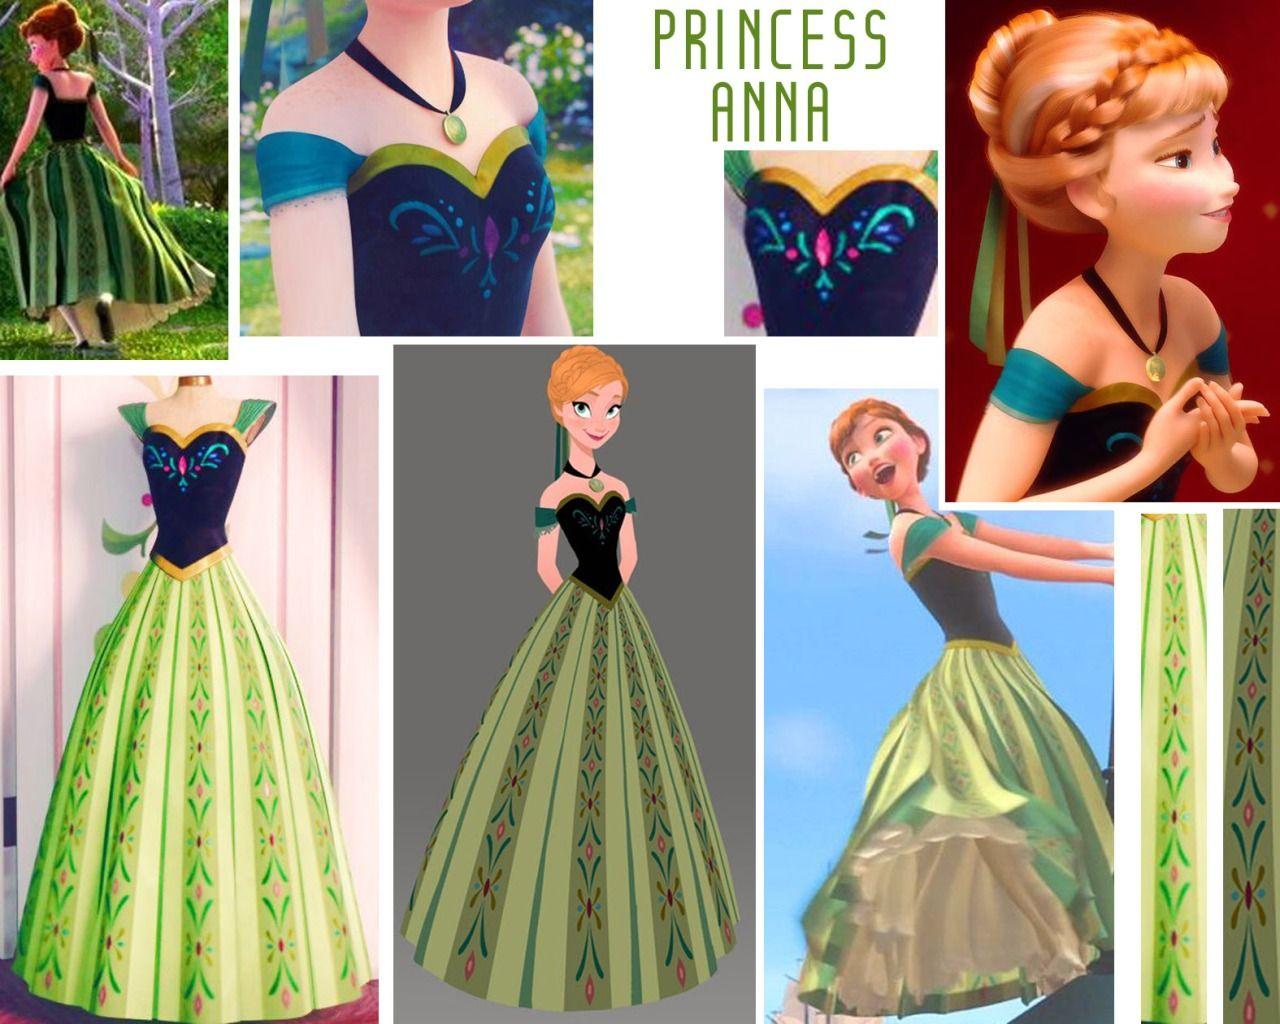 Penetrazione posto in realtà  Cosplay References   Anna costume, Princess anna costume, Disney princess  dresses